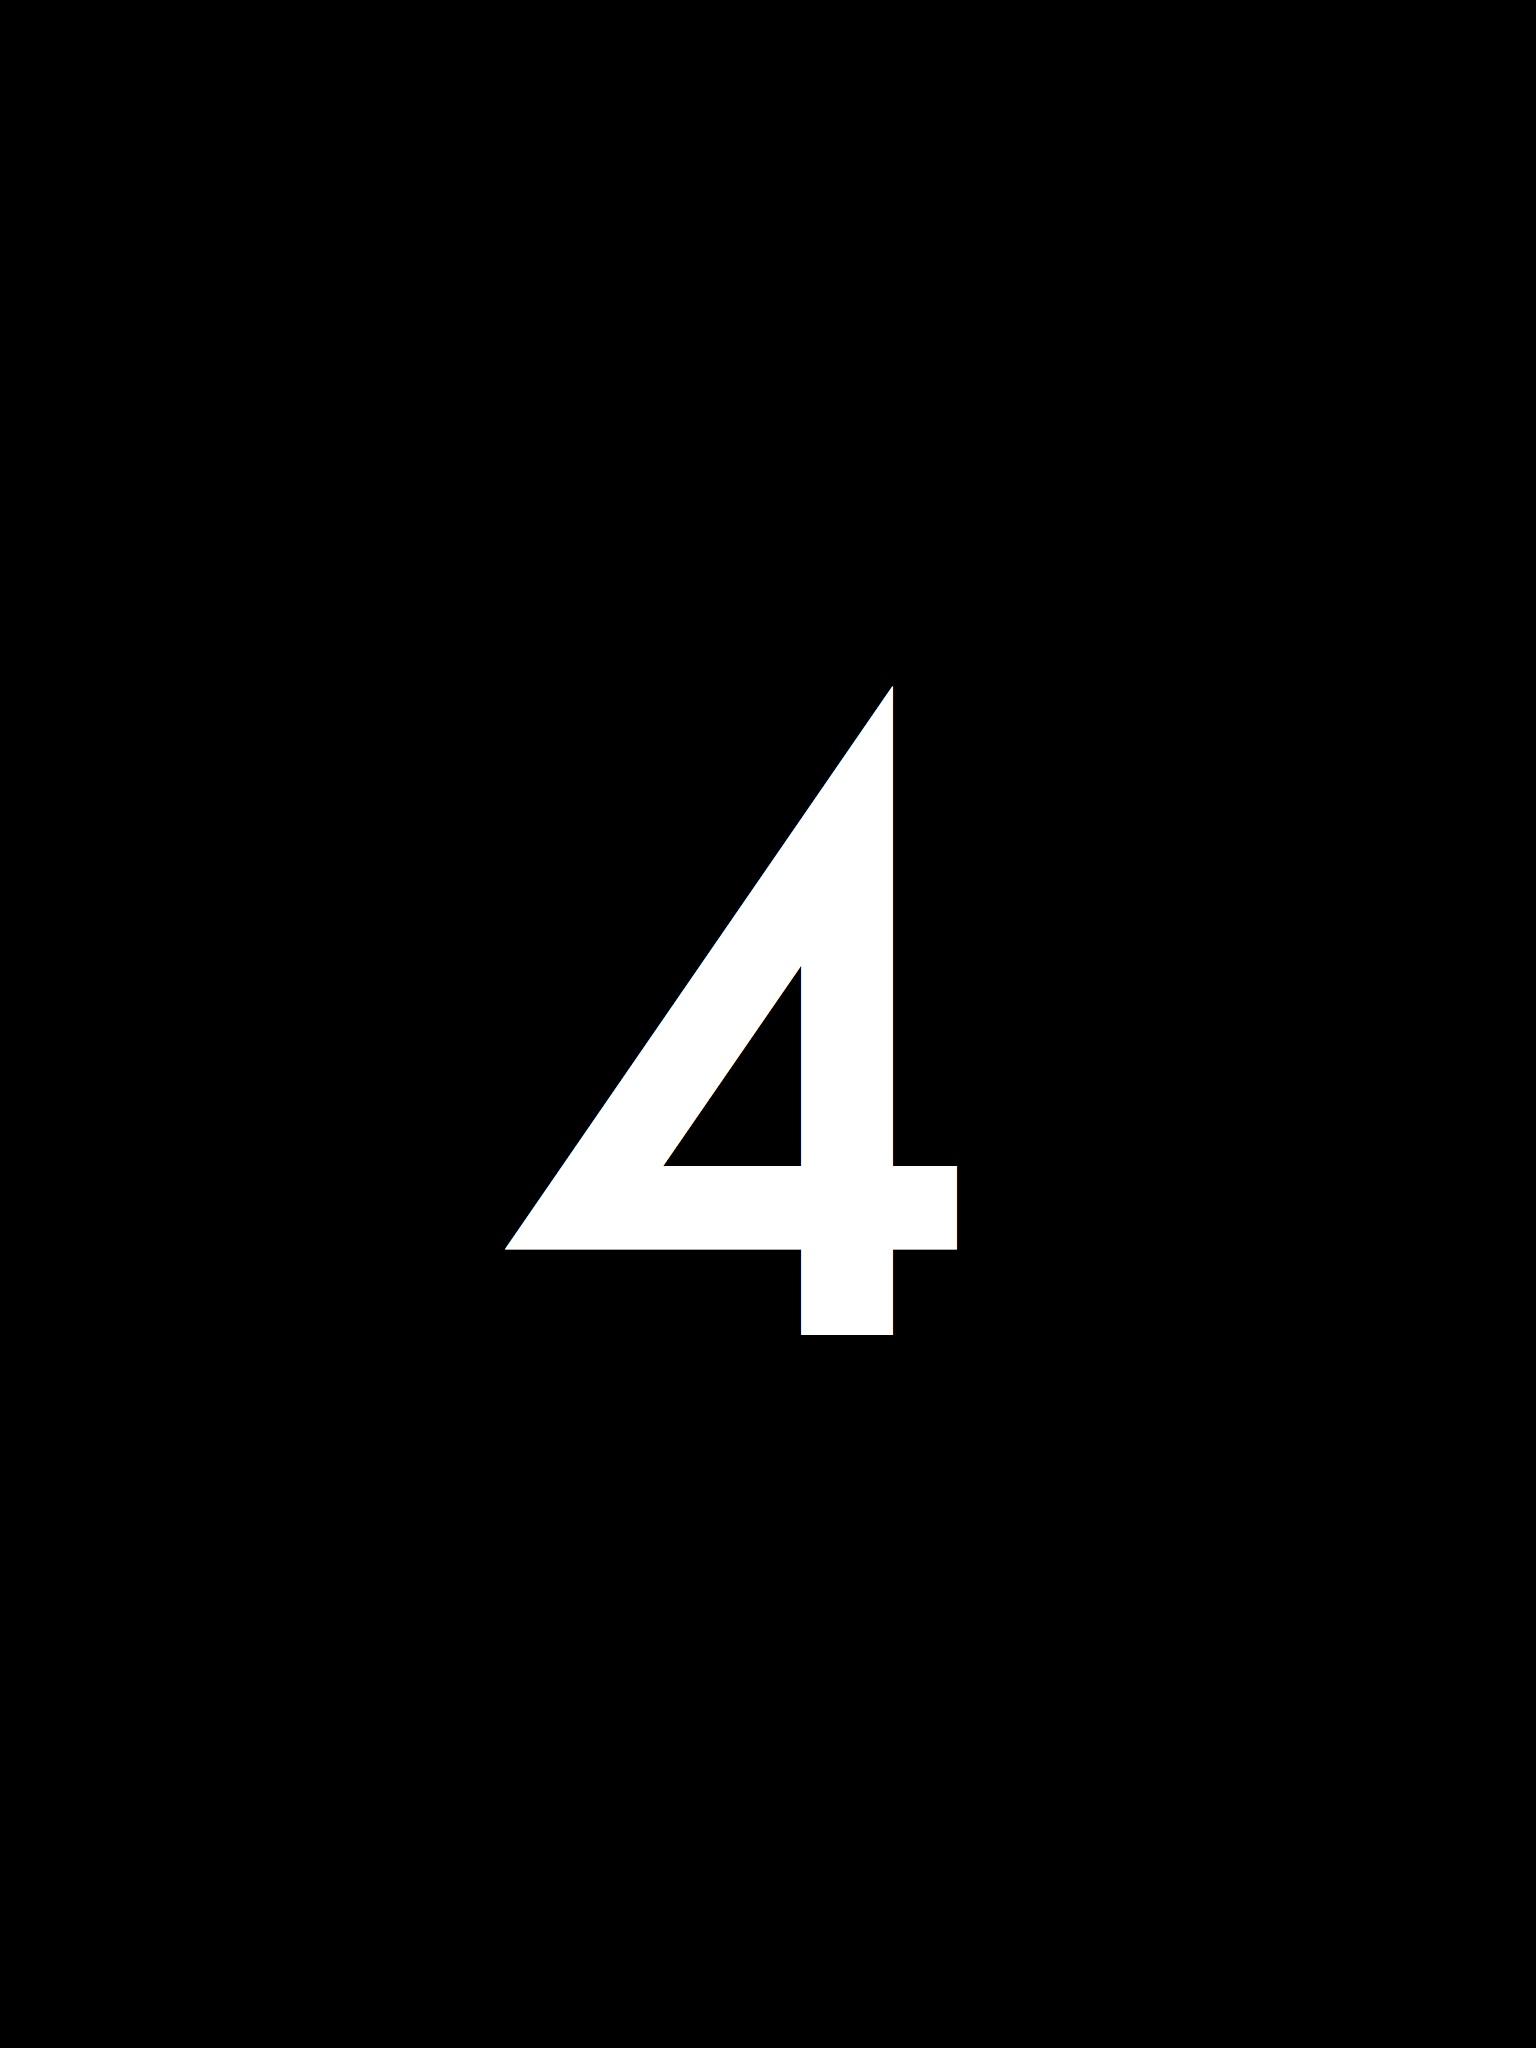 Black_Number.004.jpg